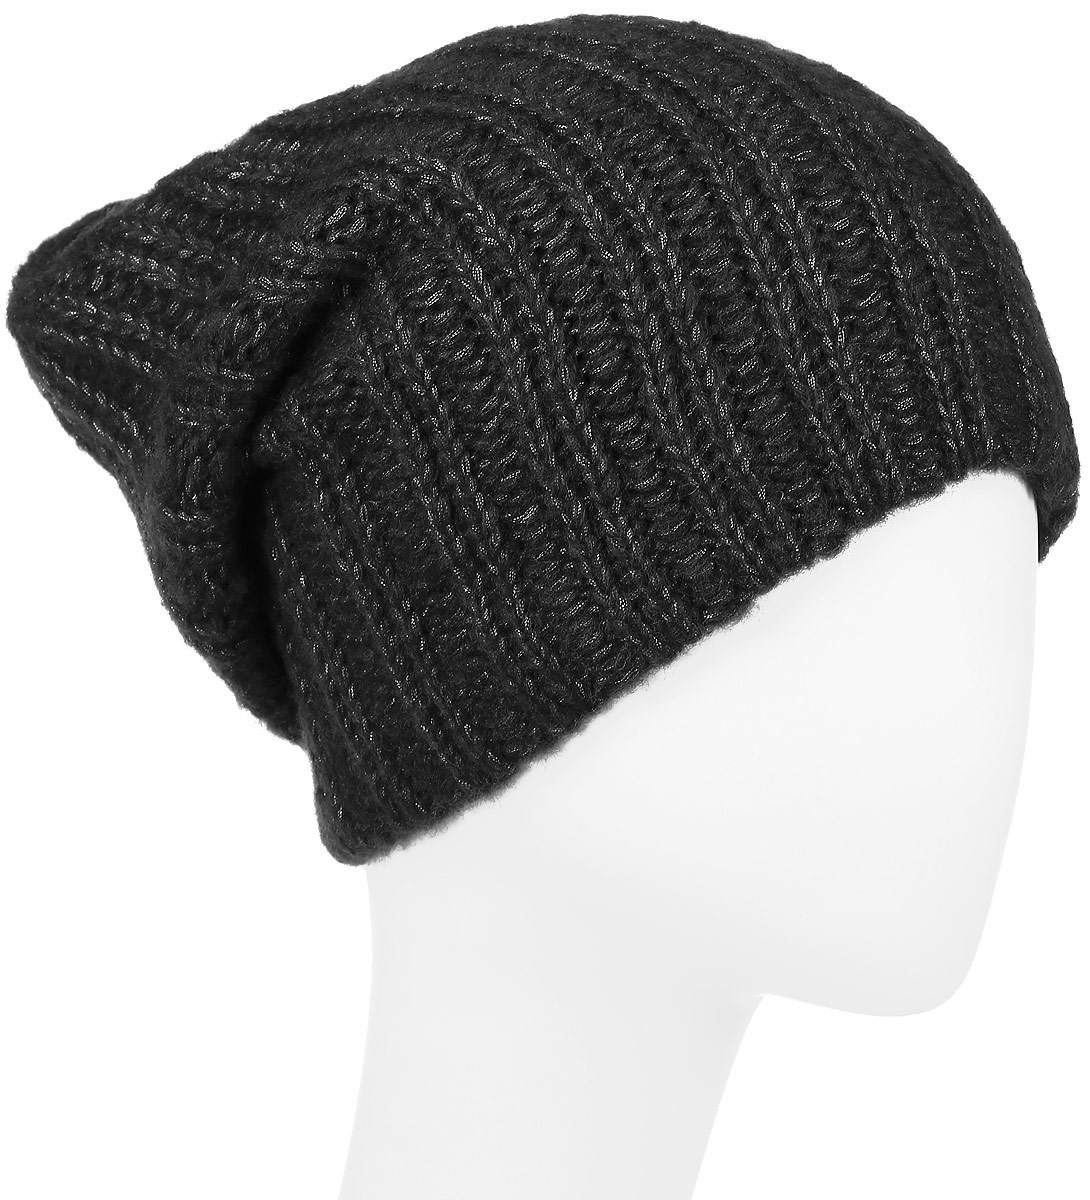 Шапка женская Finn Flare, цвет: черный. W16-11140_200. Размер 56 шапка женская nuages цвет голубой nh 742 106 размер универсальный